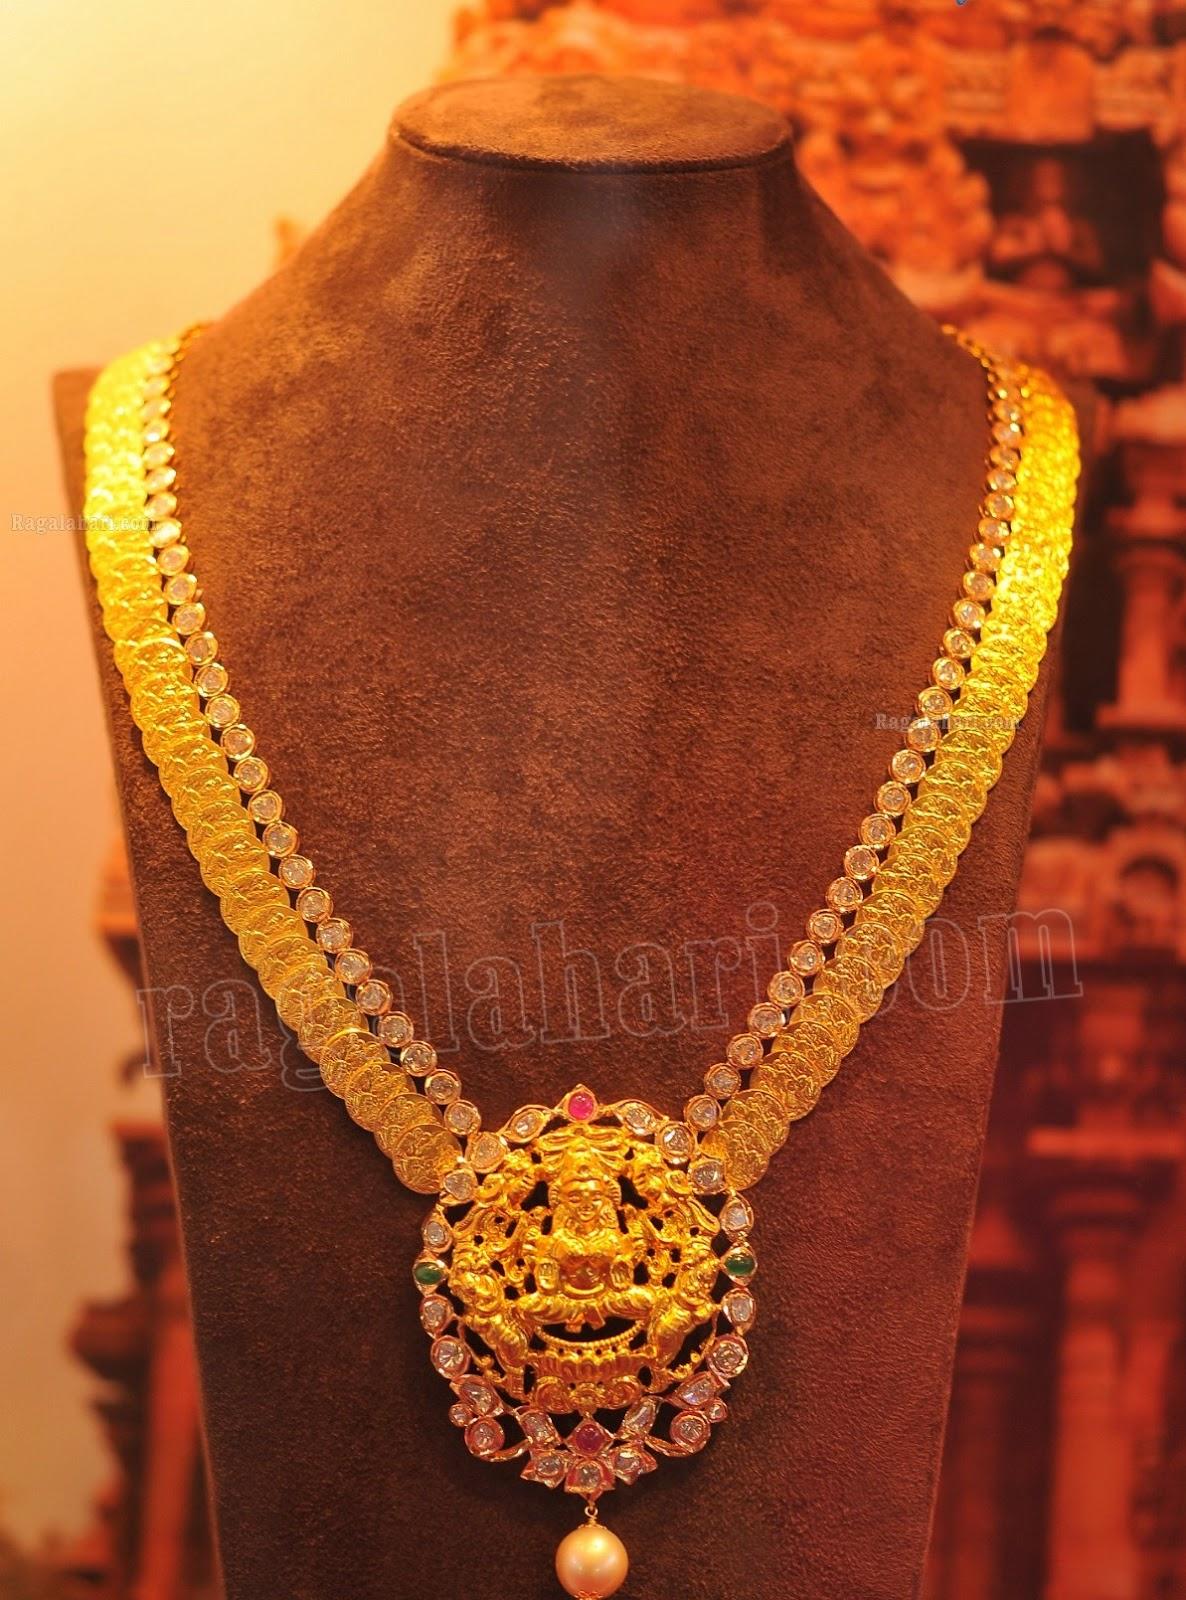 Kasula Peru With Laxmi Pendant South India Fashion